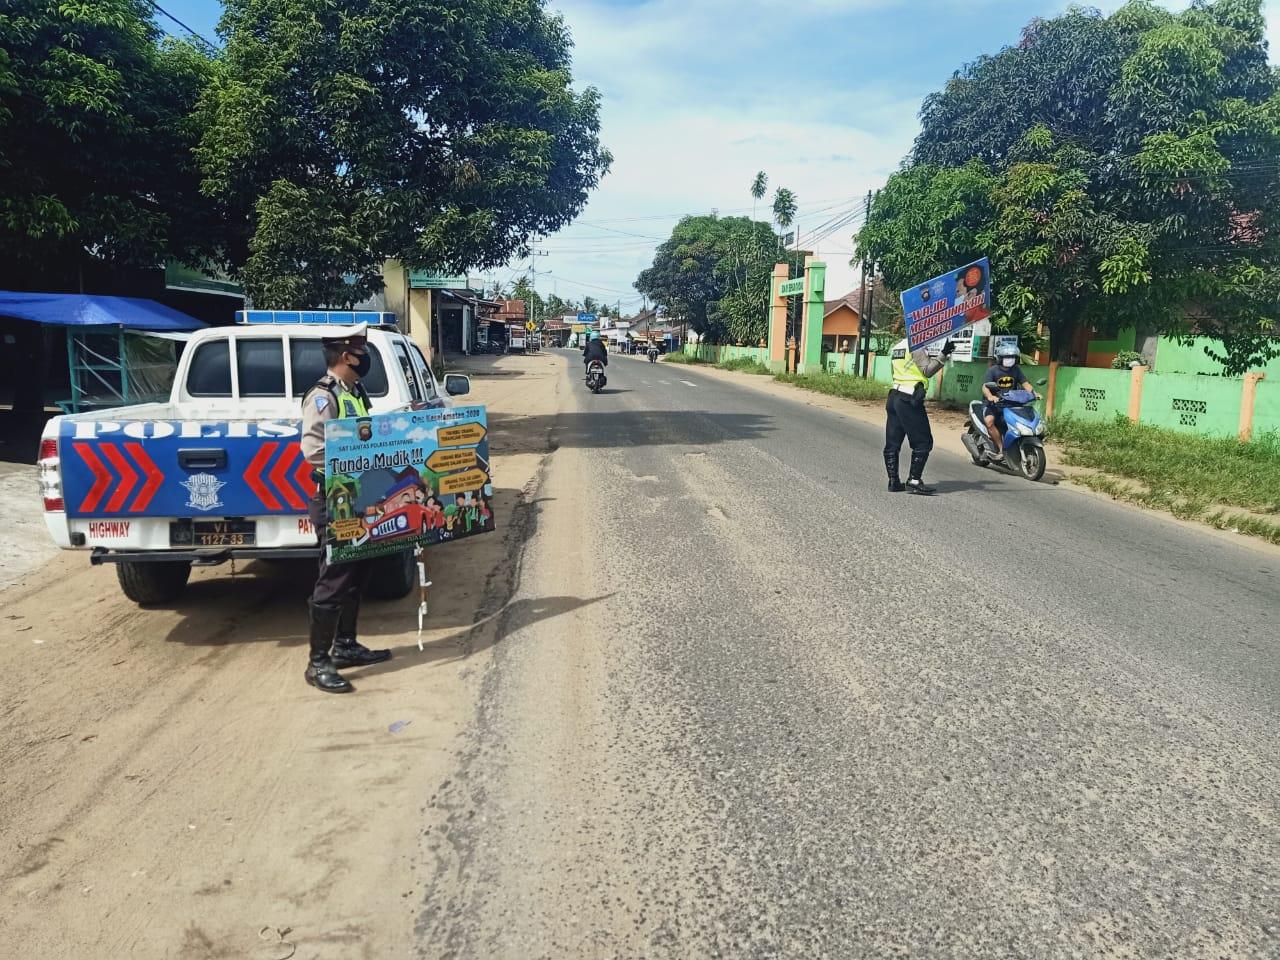 Patroli Satlantas Cegah Penyebaran Virus Corona Vovid-19 Berikan Himbauan Warga Masyarakat Kec. Benu